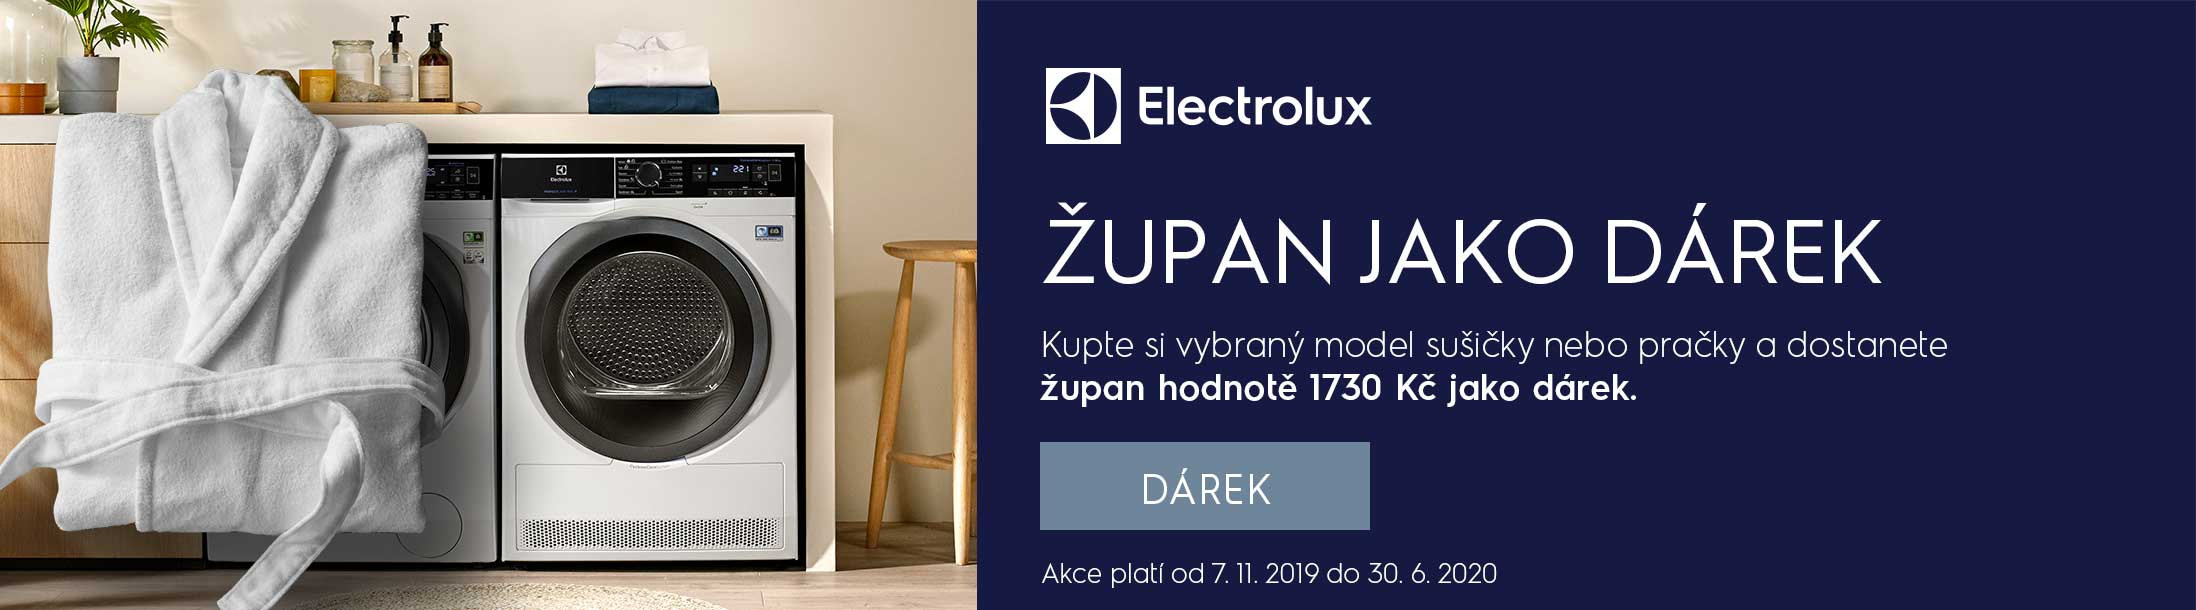 Electrolux - Župan jako dárek